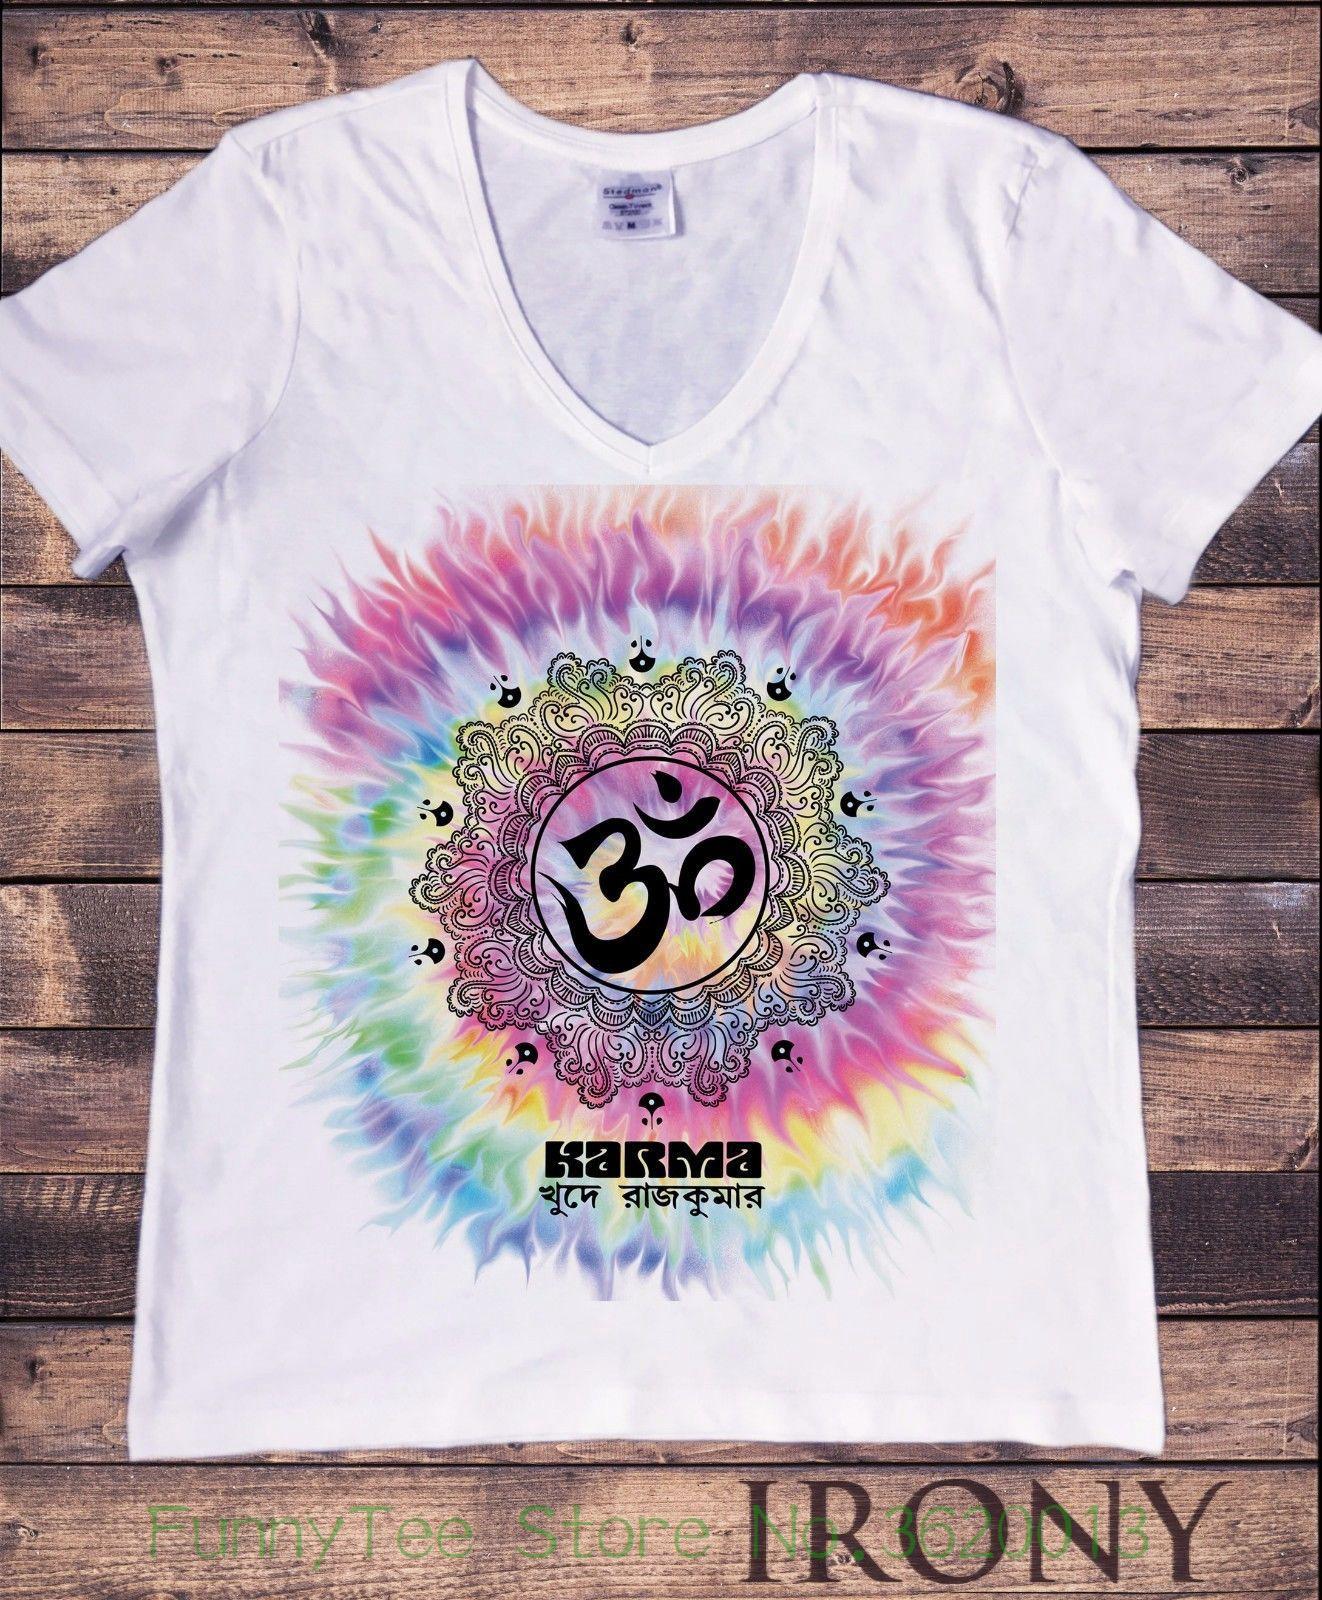 dc428efed7 Women S Tee Blancas De Las Mujeres Cuello En V Camiseta Yogatraining Karma Tie  Dye Meditacion Paz T Shirt Printed Shirt Best Tshirts From Funnyteestore